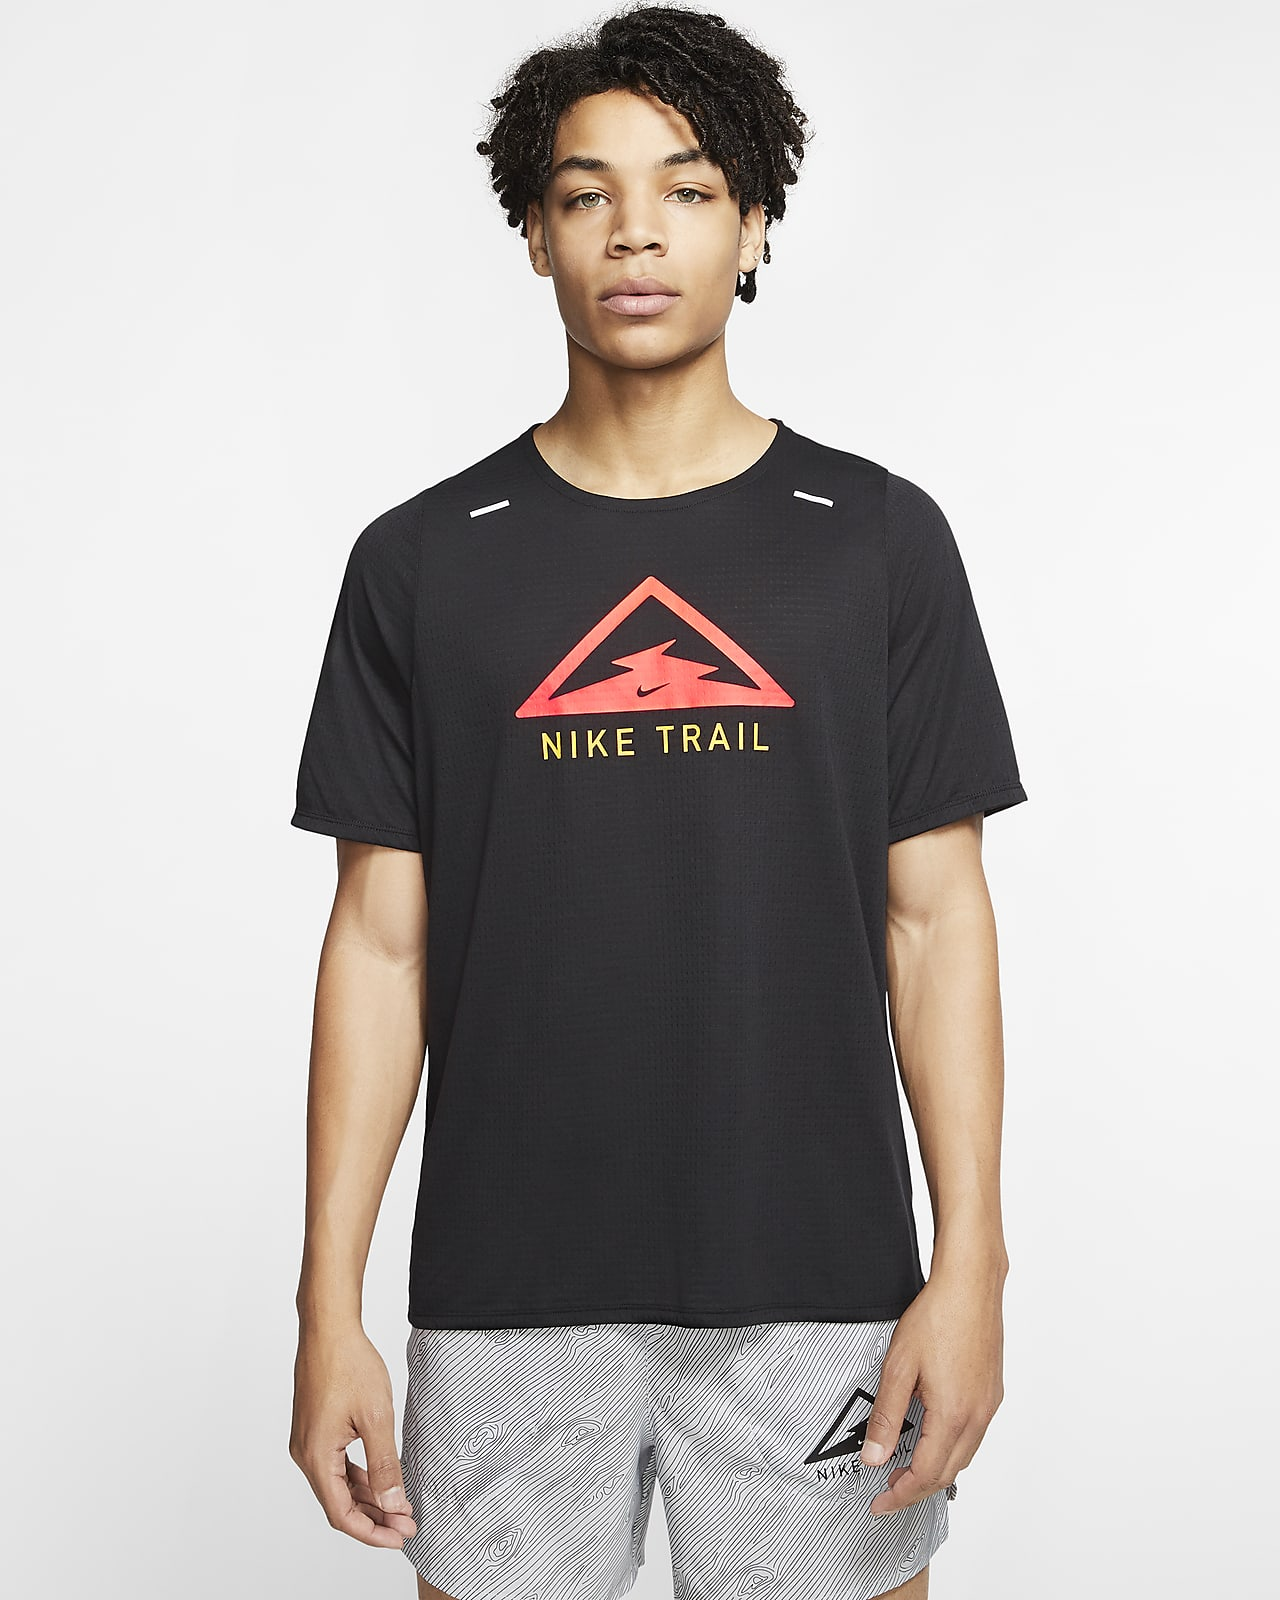 Nike Rise 365 Trail férfi terepfutó felsőrész